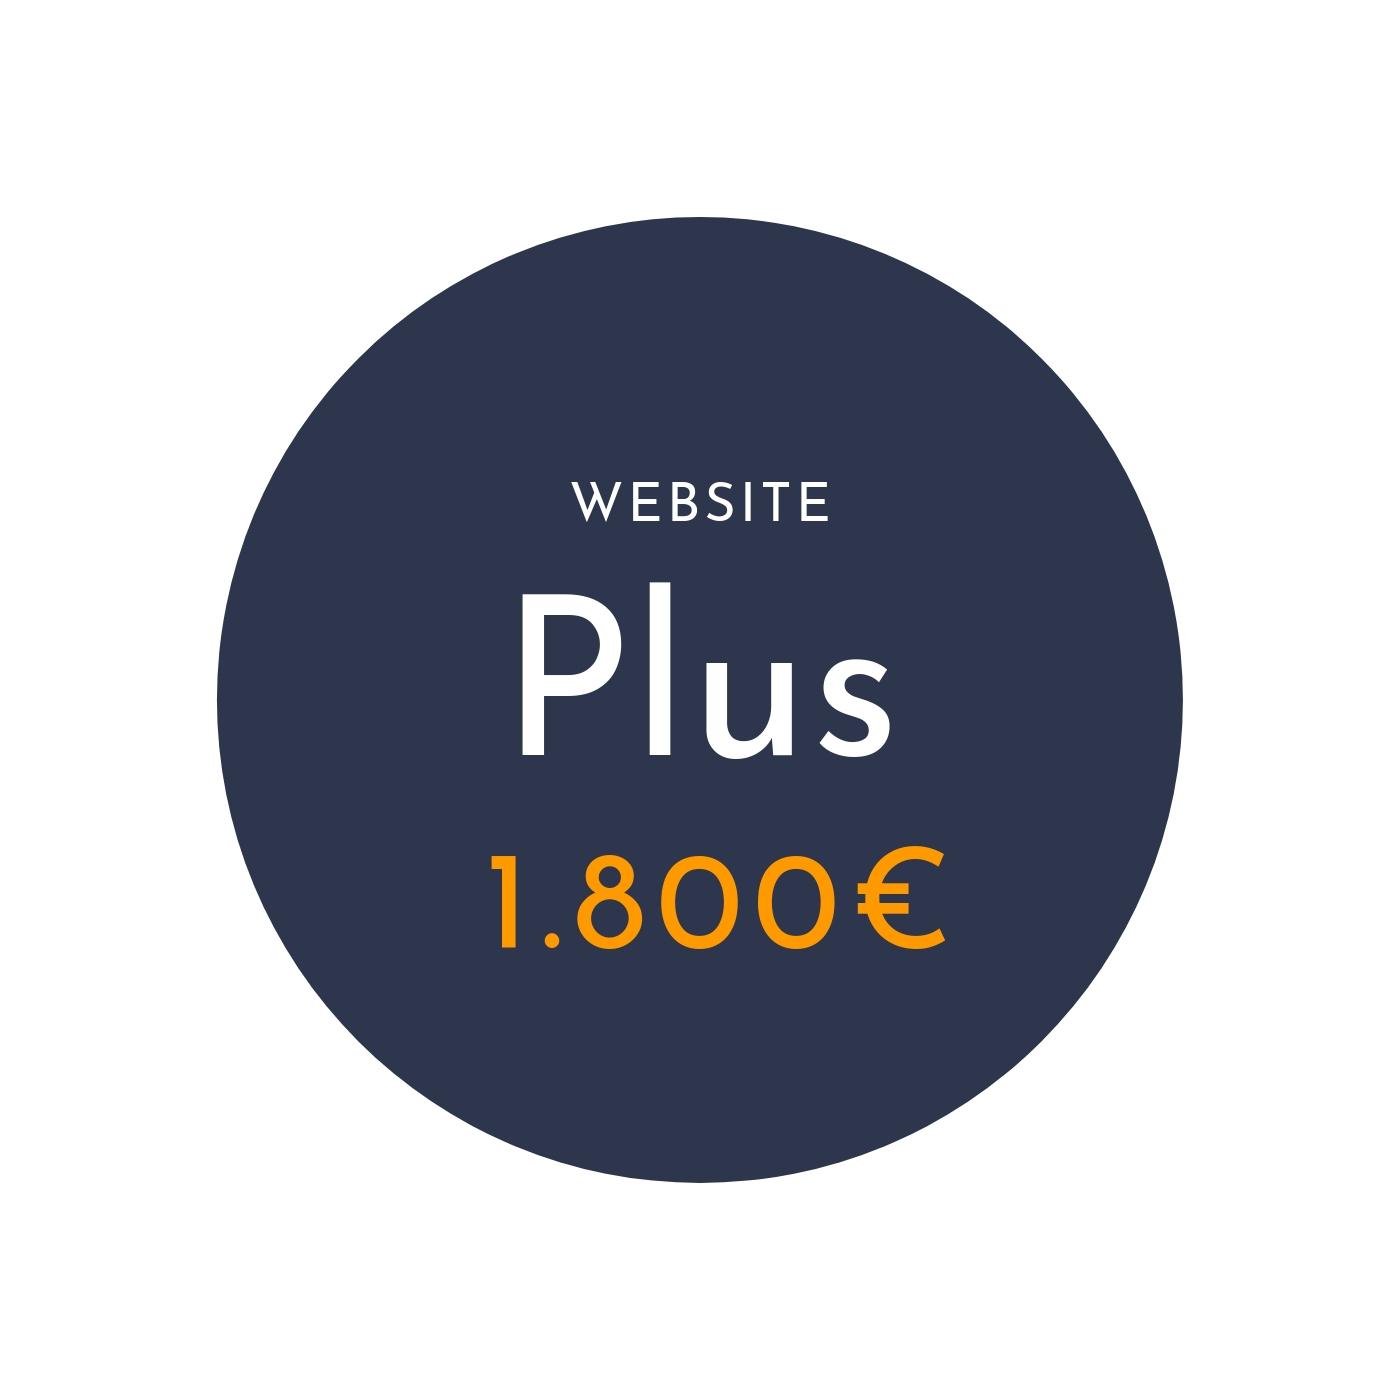 websiteplus.jpg